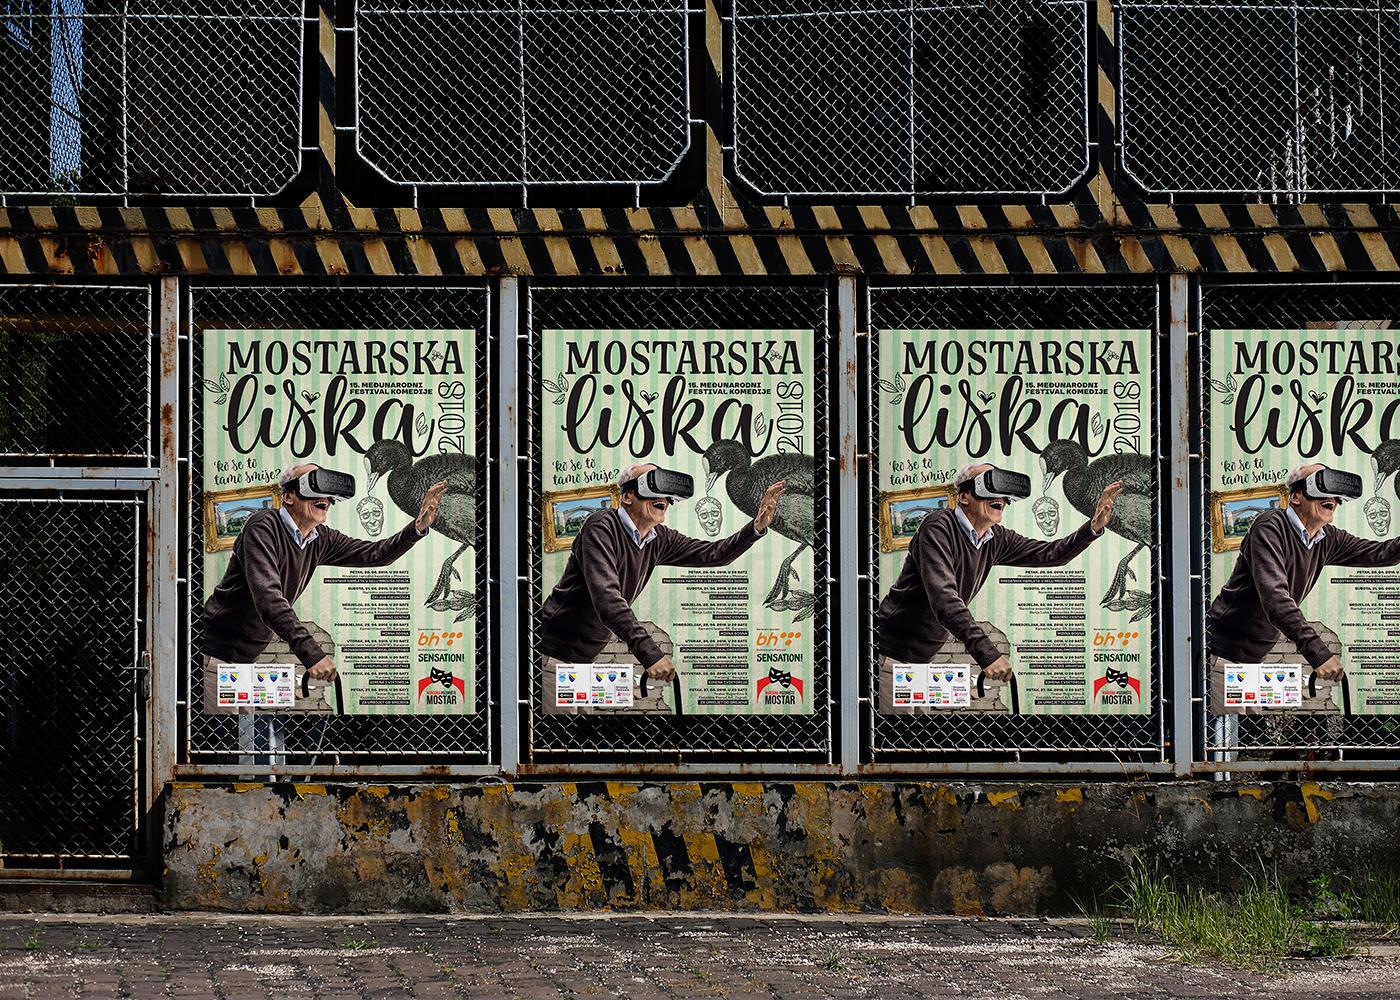 Dizajn vizualnog identiteta i promotivne kampanje mostarskog festivala komedije